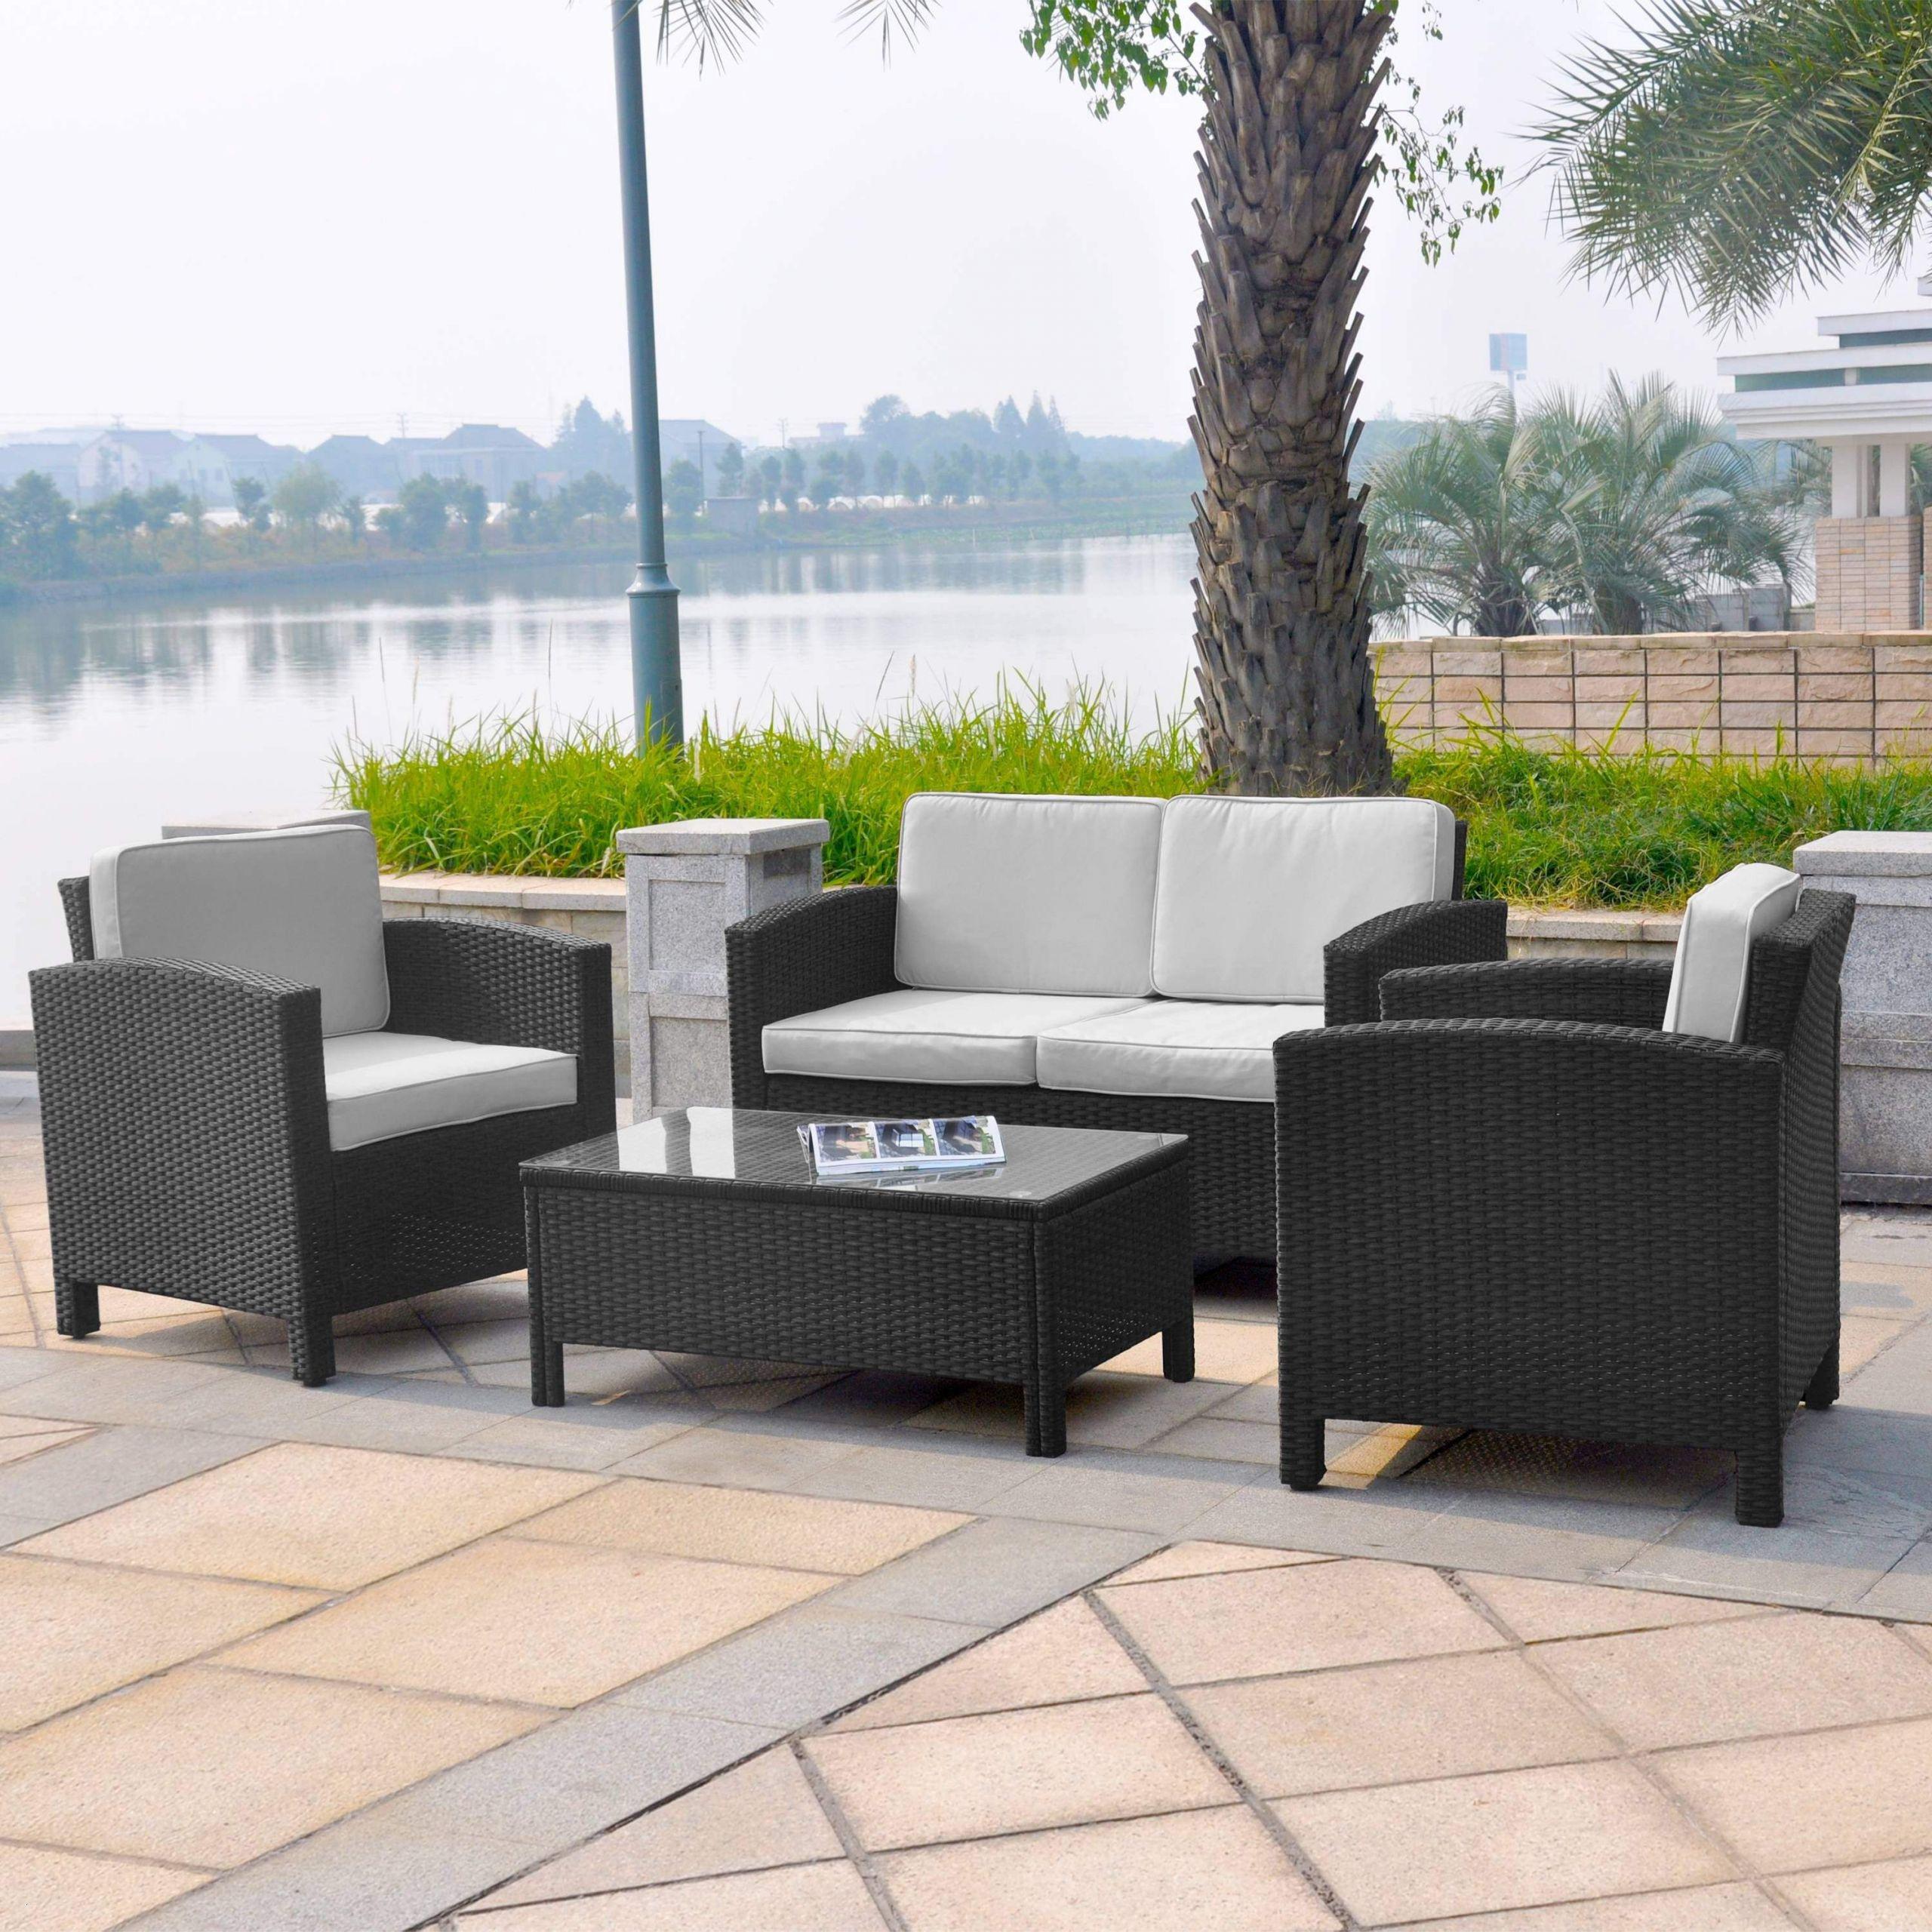 Garten Stapelstühle Aldi Das Beste Von 11 Tisch Stühle Terrasse Einzigartig